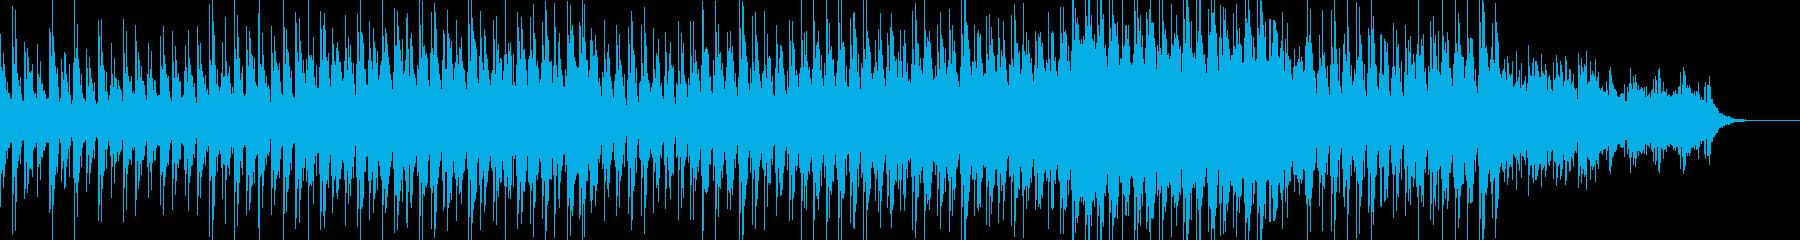 映画音楽、荘厳重厚、映像向け-27の再生済みの波形